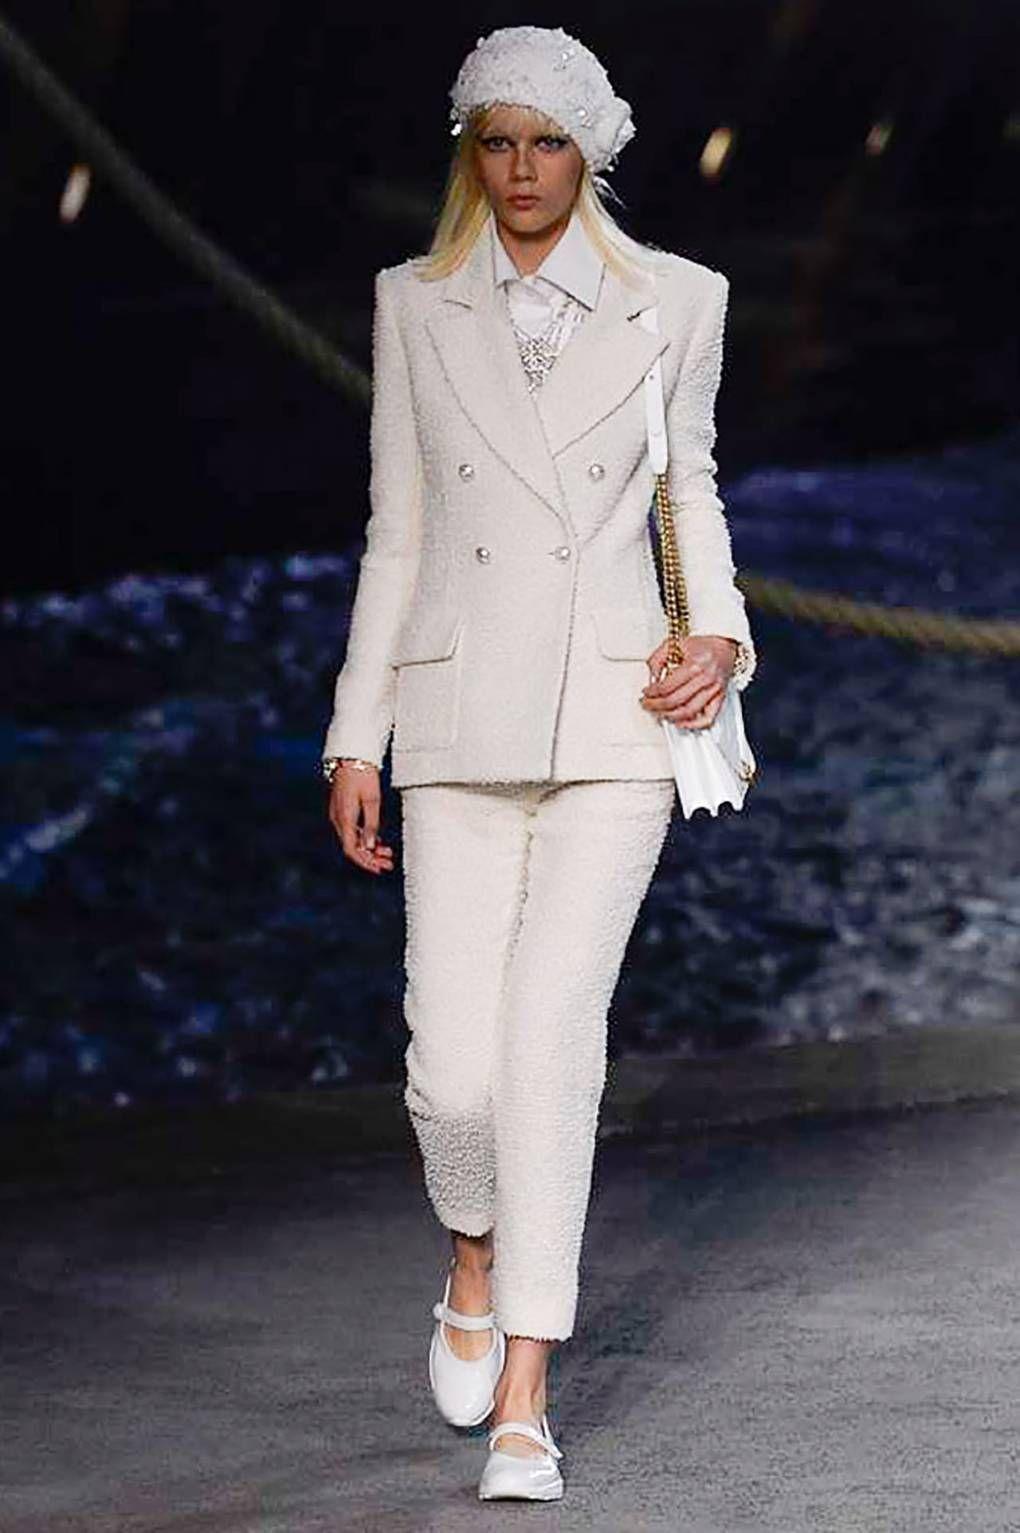 Tailleur Pantalon, Tendance Ete 2018, Haute Couture, Tenue Chanel, Mode  Chanel, 01b7c7023d2